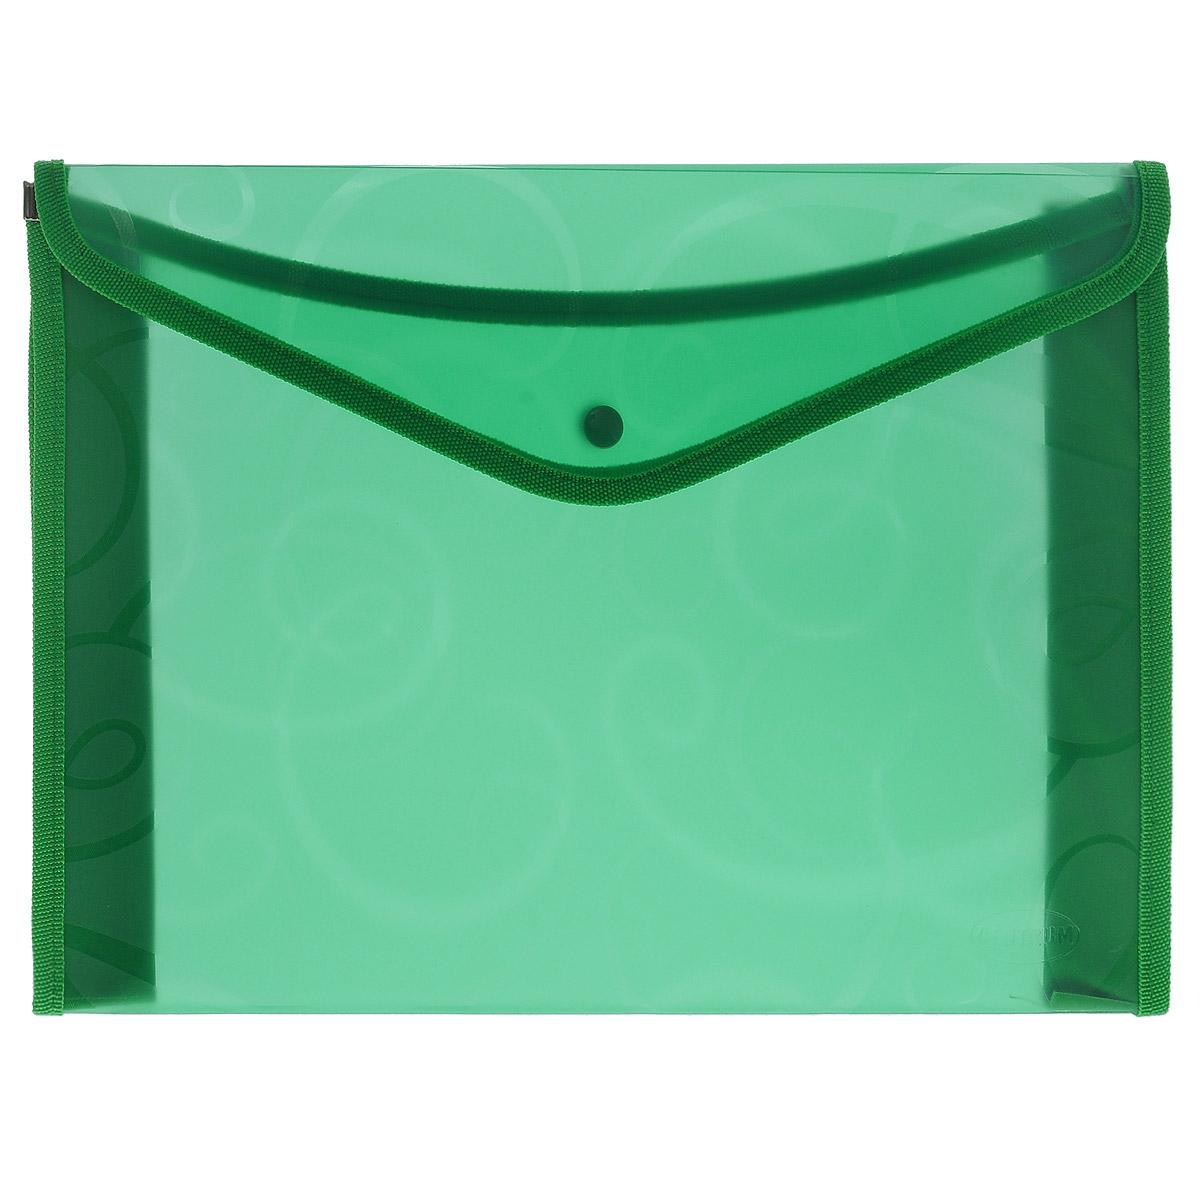 Centrum Папка-конверт на кнопке, цвет: зеленый, формат А480804Папка-конверт Centrum - это удобный и функциональный офисный инструмент, предназначенный для хранения и транспортировки рабочих бумаг и документов формата А4. Папка изготовлена из прочного полупрозрачного пластика, оформлена узором и по канту обработана текстилем. Закрывается на практичную крышку с кнопкой. Папка-конверт - это незаменимый атрибут для студента, школьника, офисного работника. Такая папка надежно сохранит ваши документы и сбережет их от повреждений, пыли и влаги.